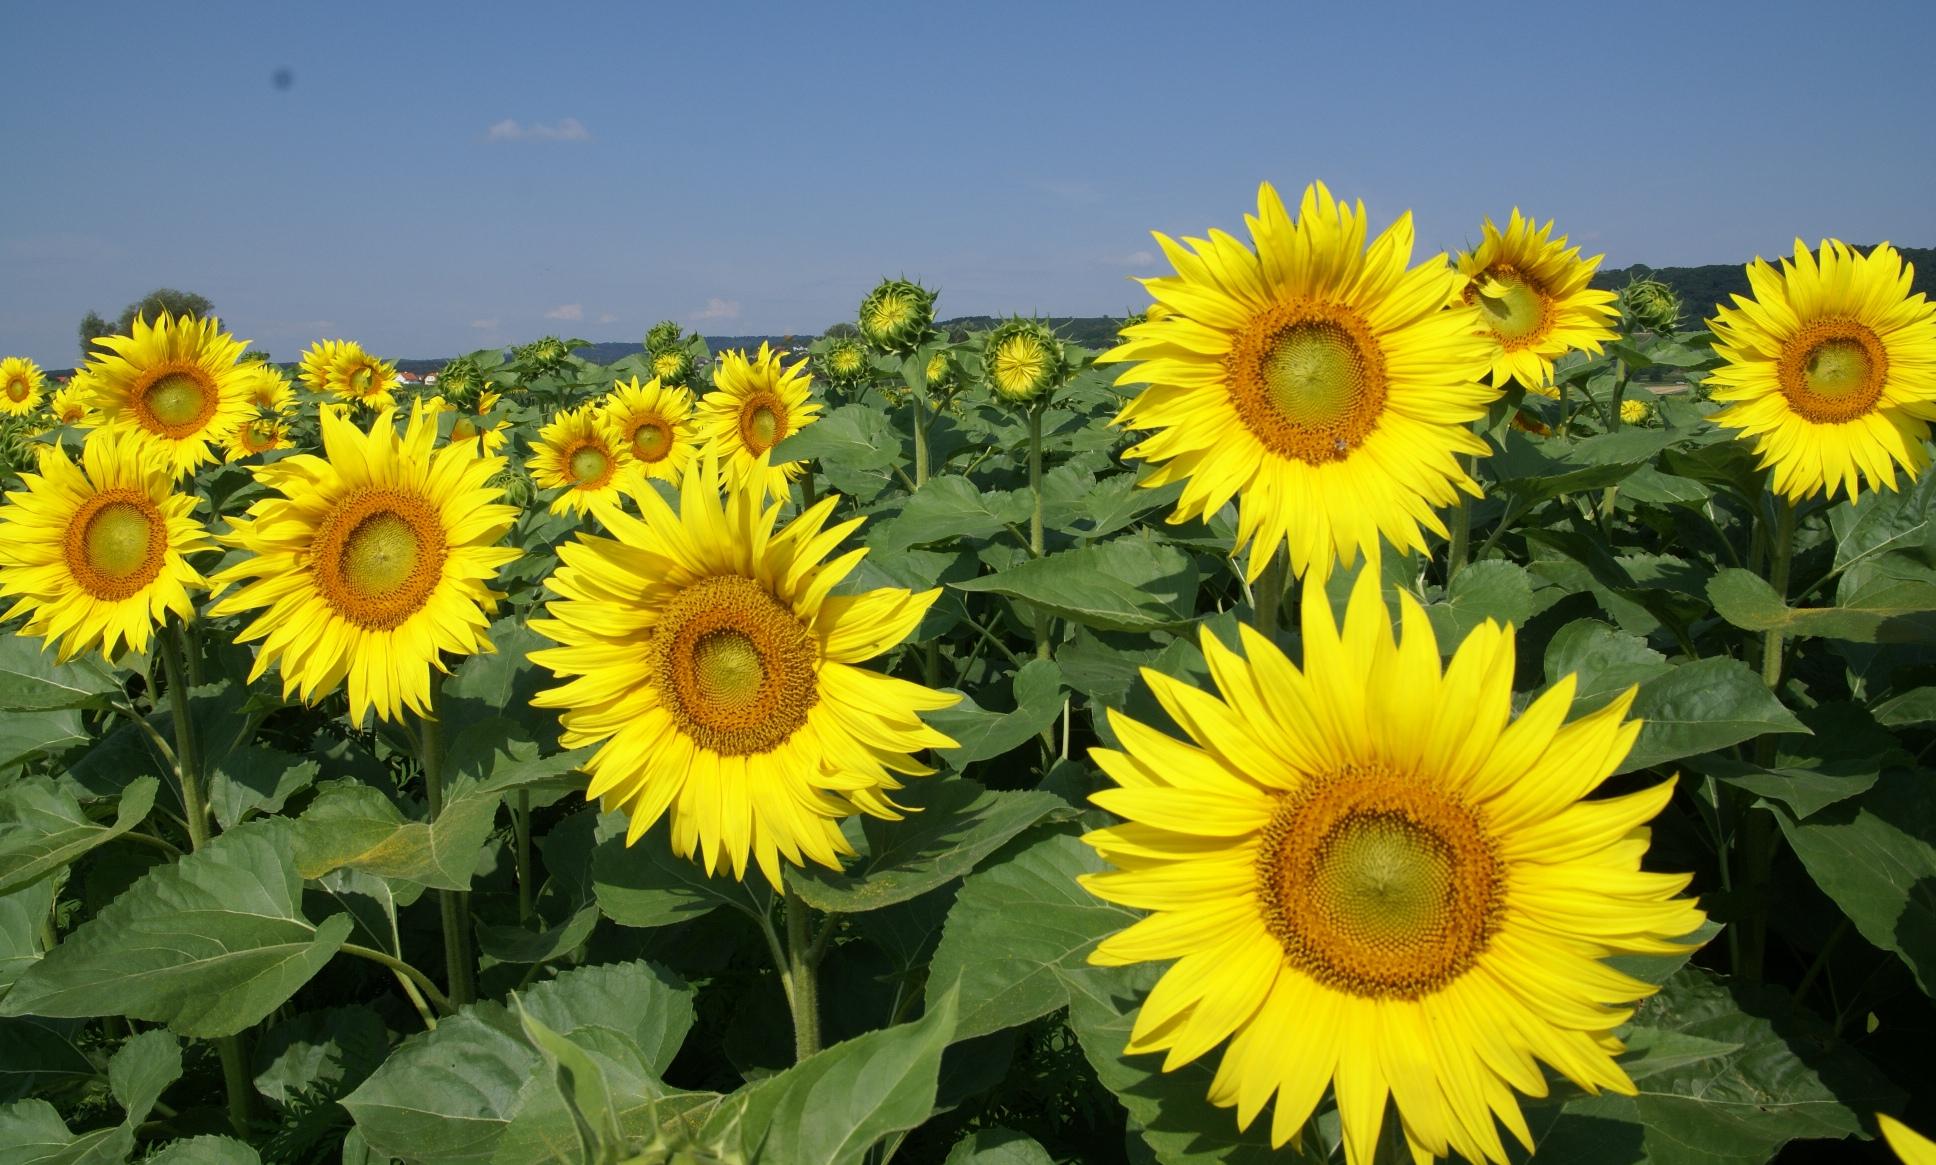 Afbeelding zonnebloem bloemen nederland - Afbeelding in ...